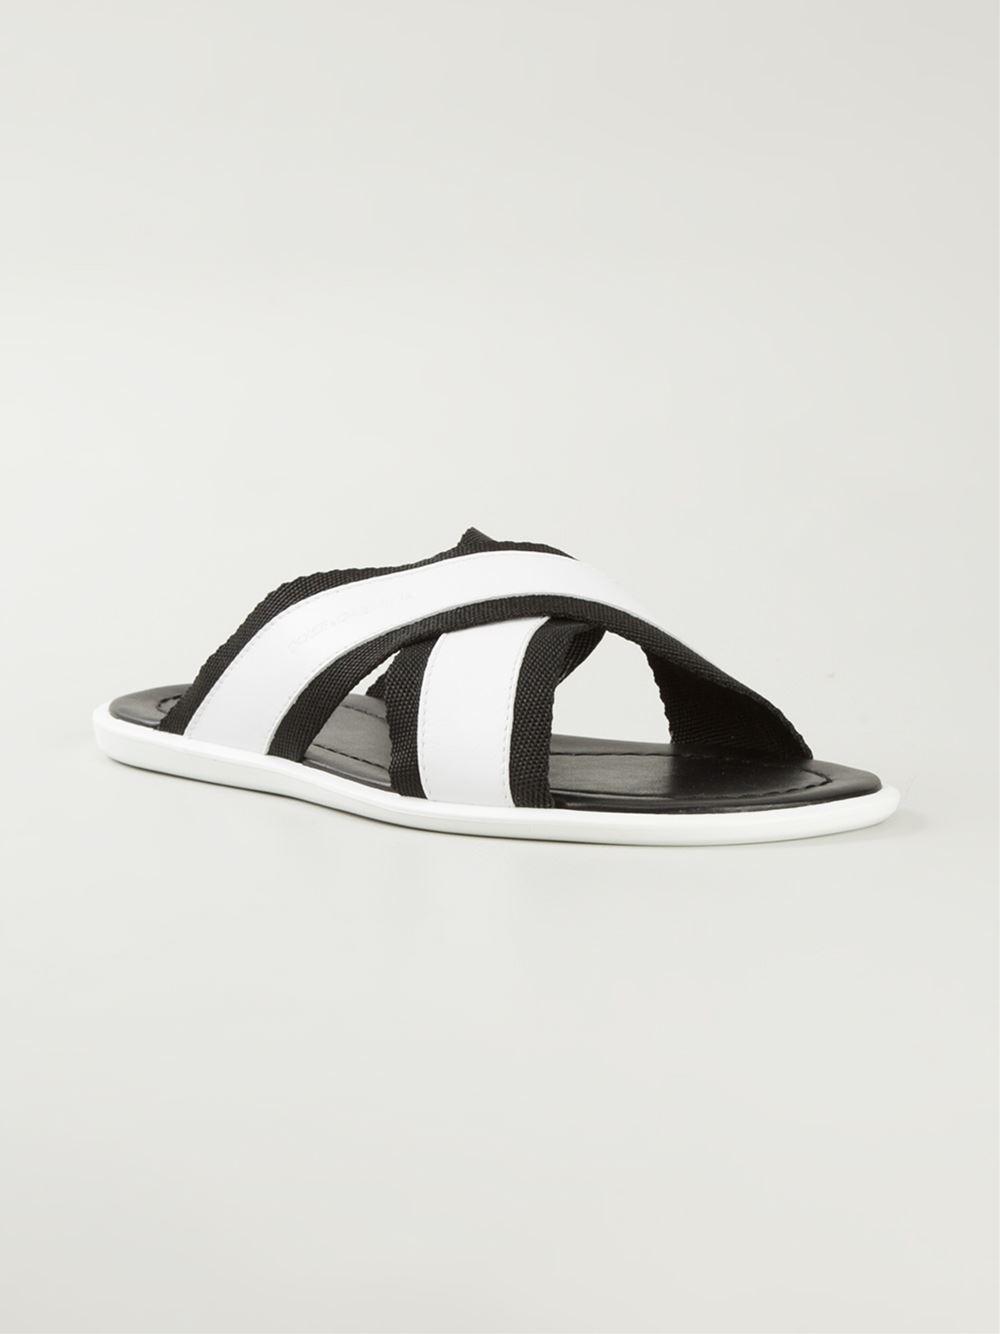 63866eb8342 Lyst - Dolce   Gabbana Cross-Over Strap Flip-Flops in White for Men